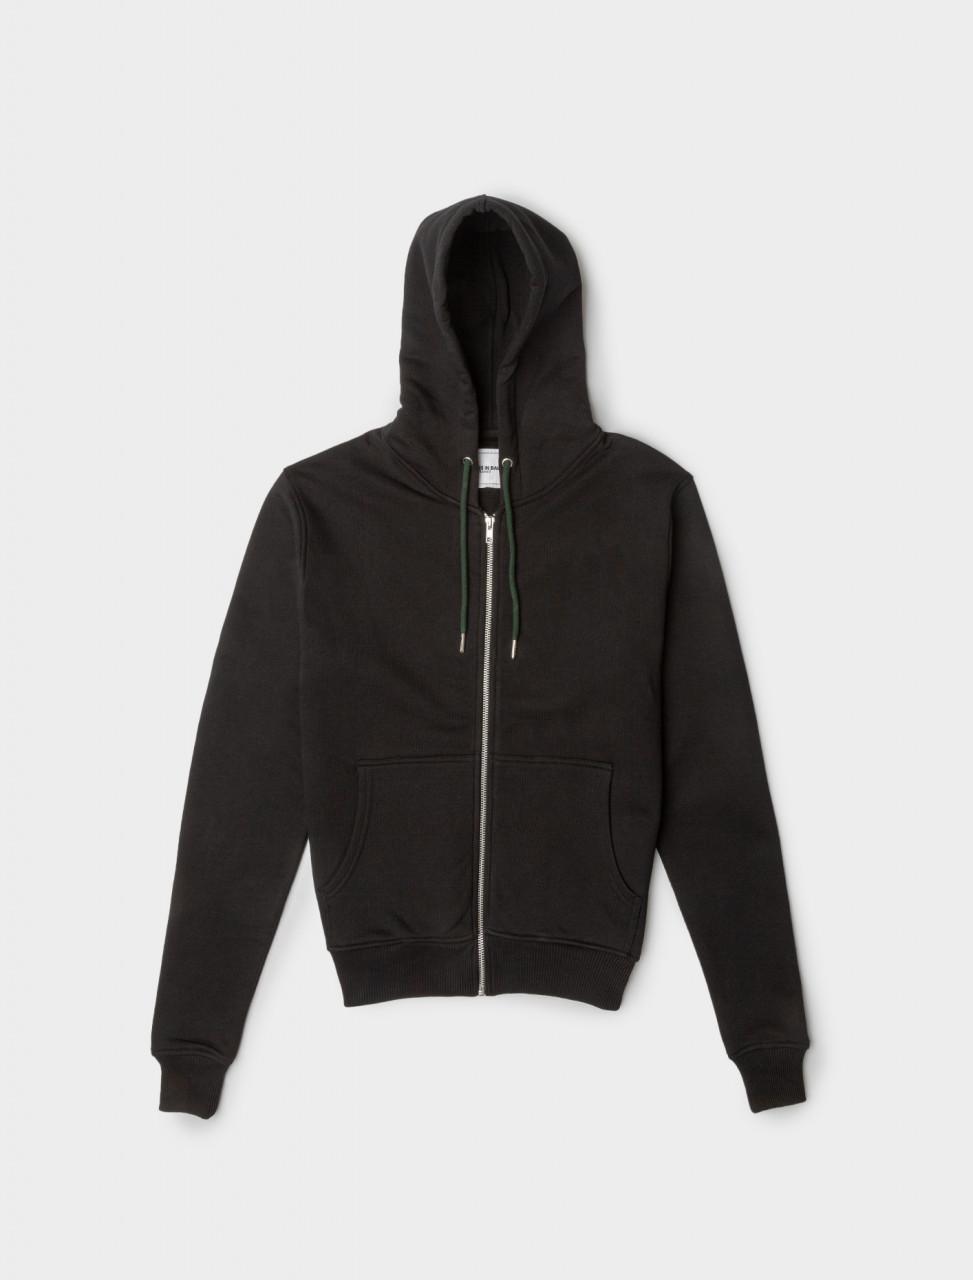 Y Hoodie with Zipper in Black